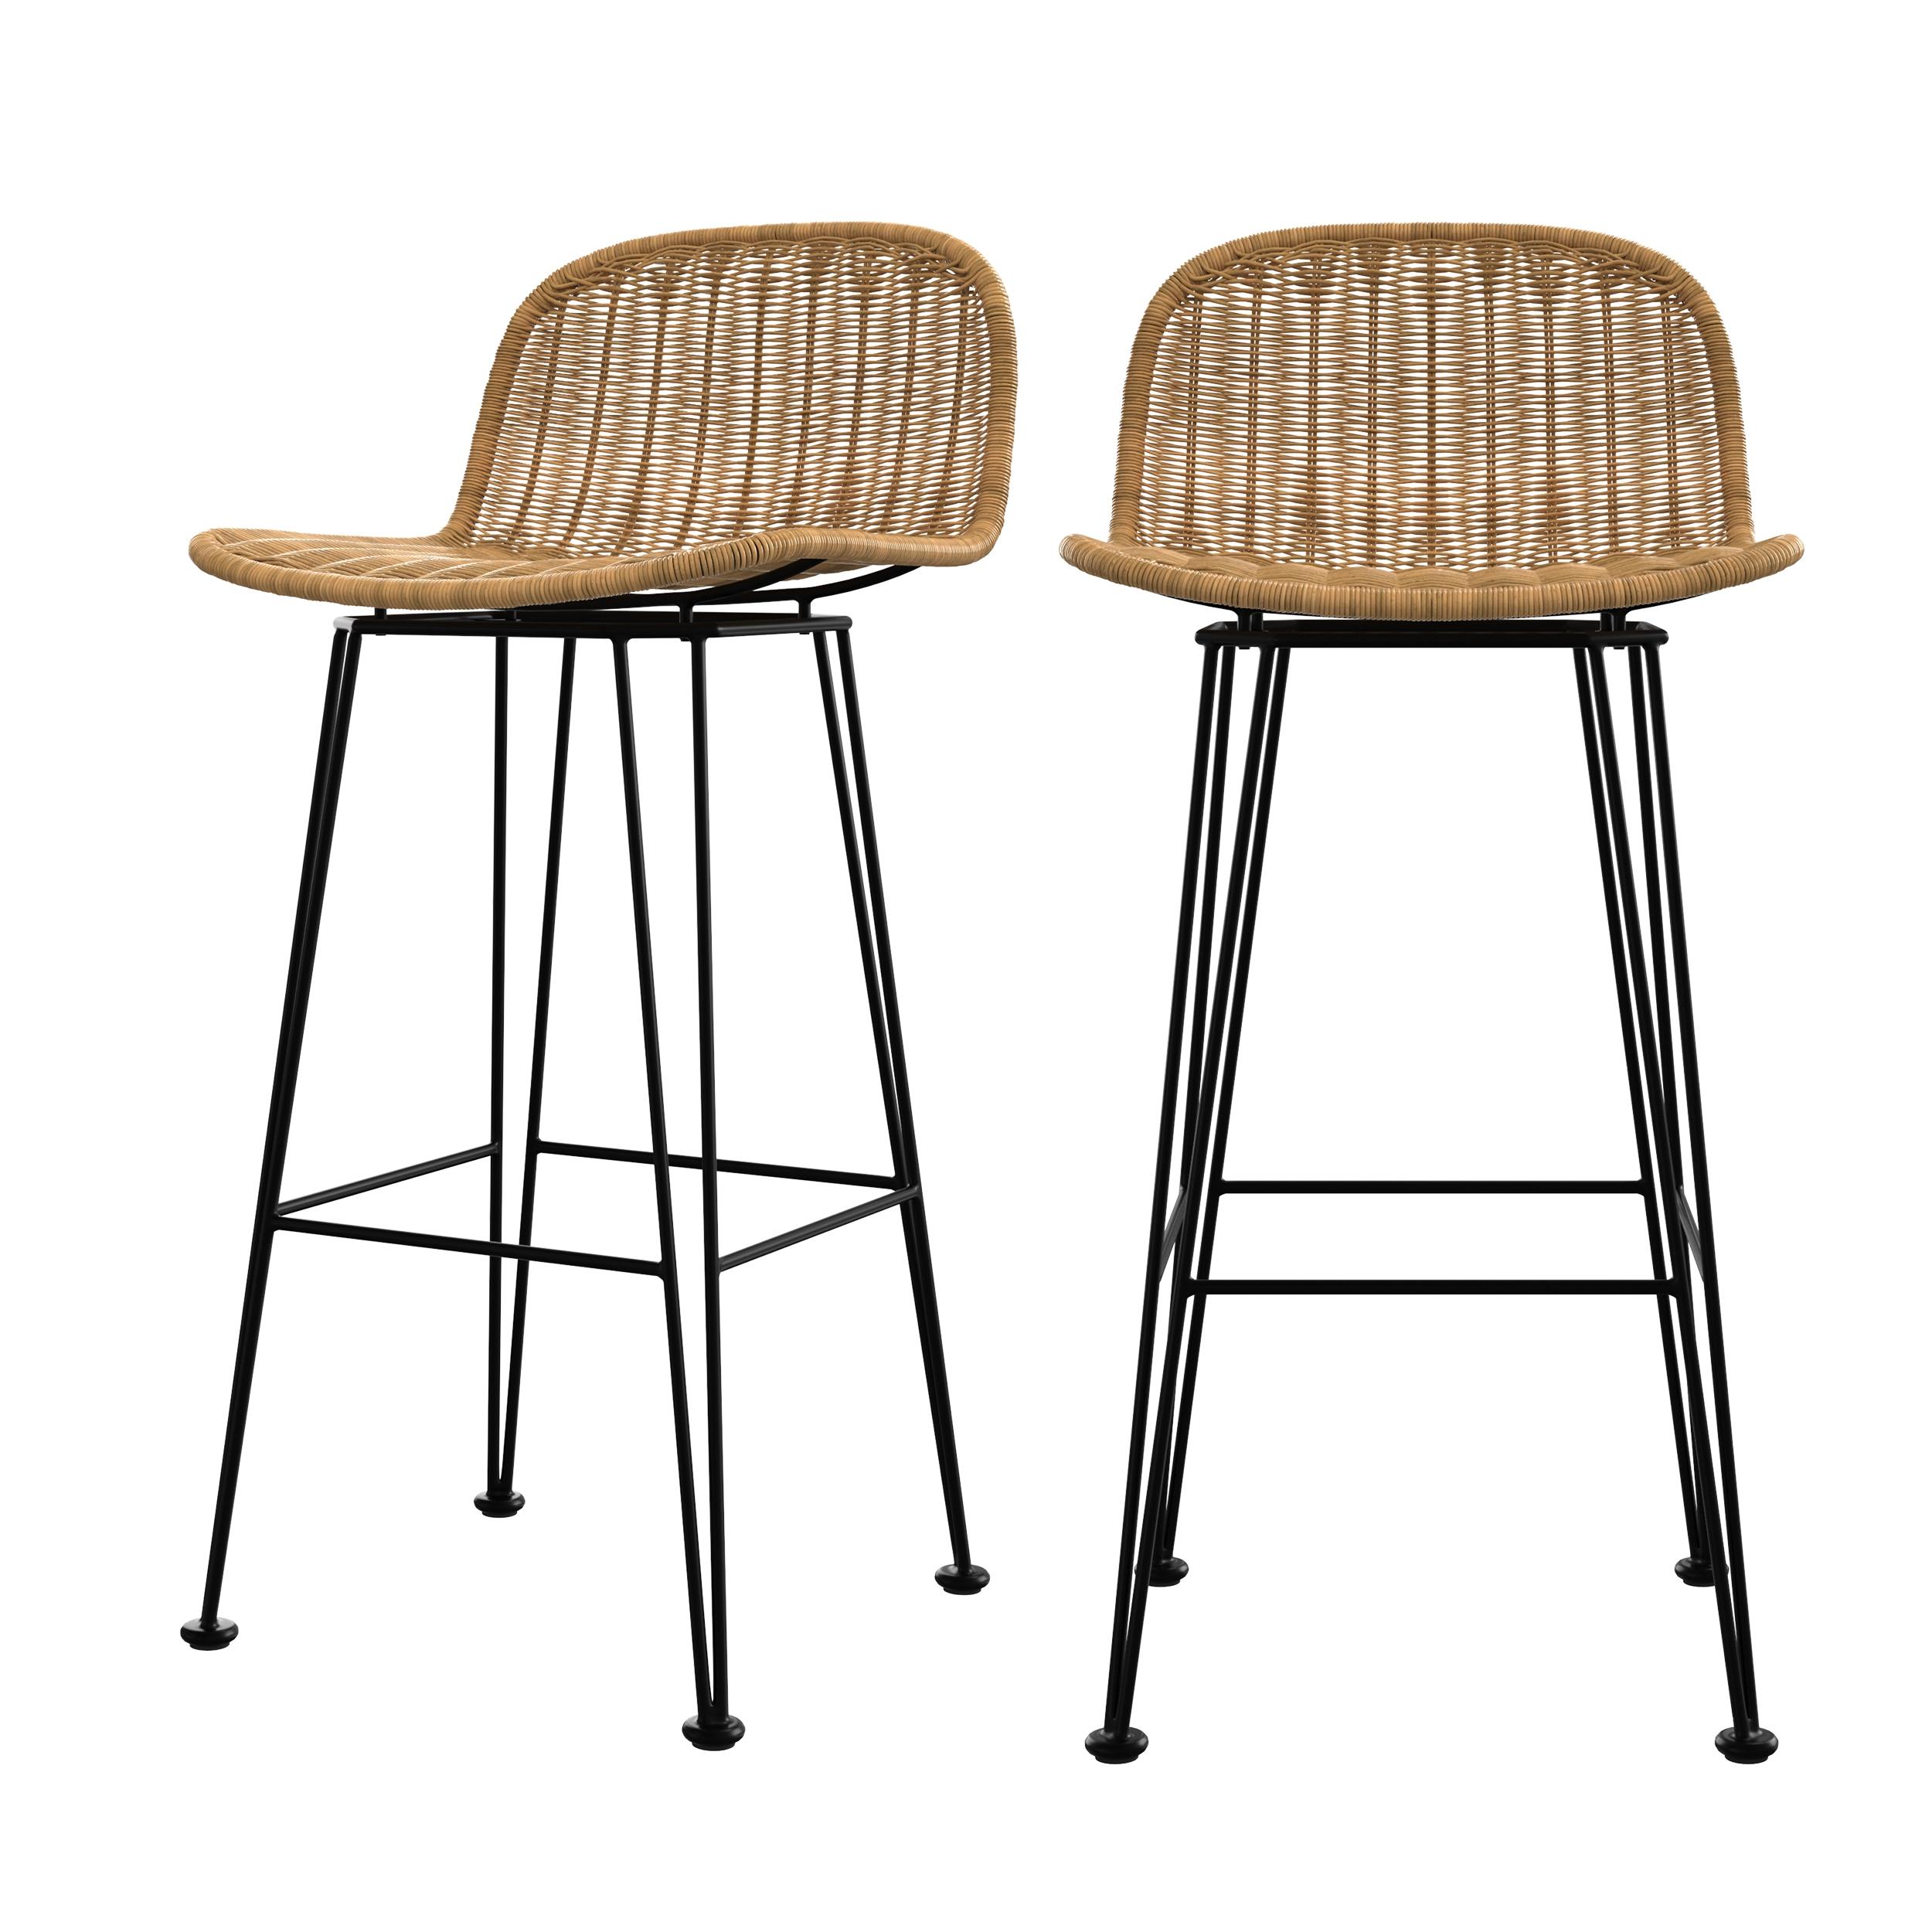 Chaise de bar 76 cm en résine tressée marron (lot de 2)